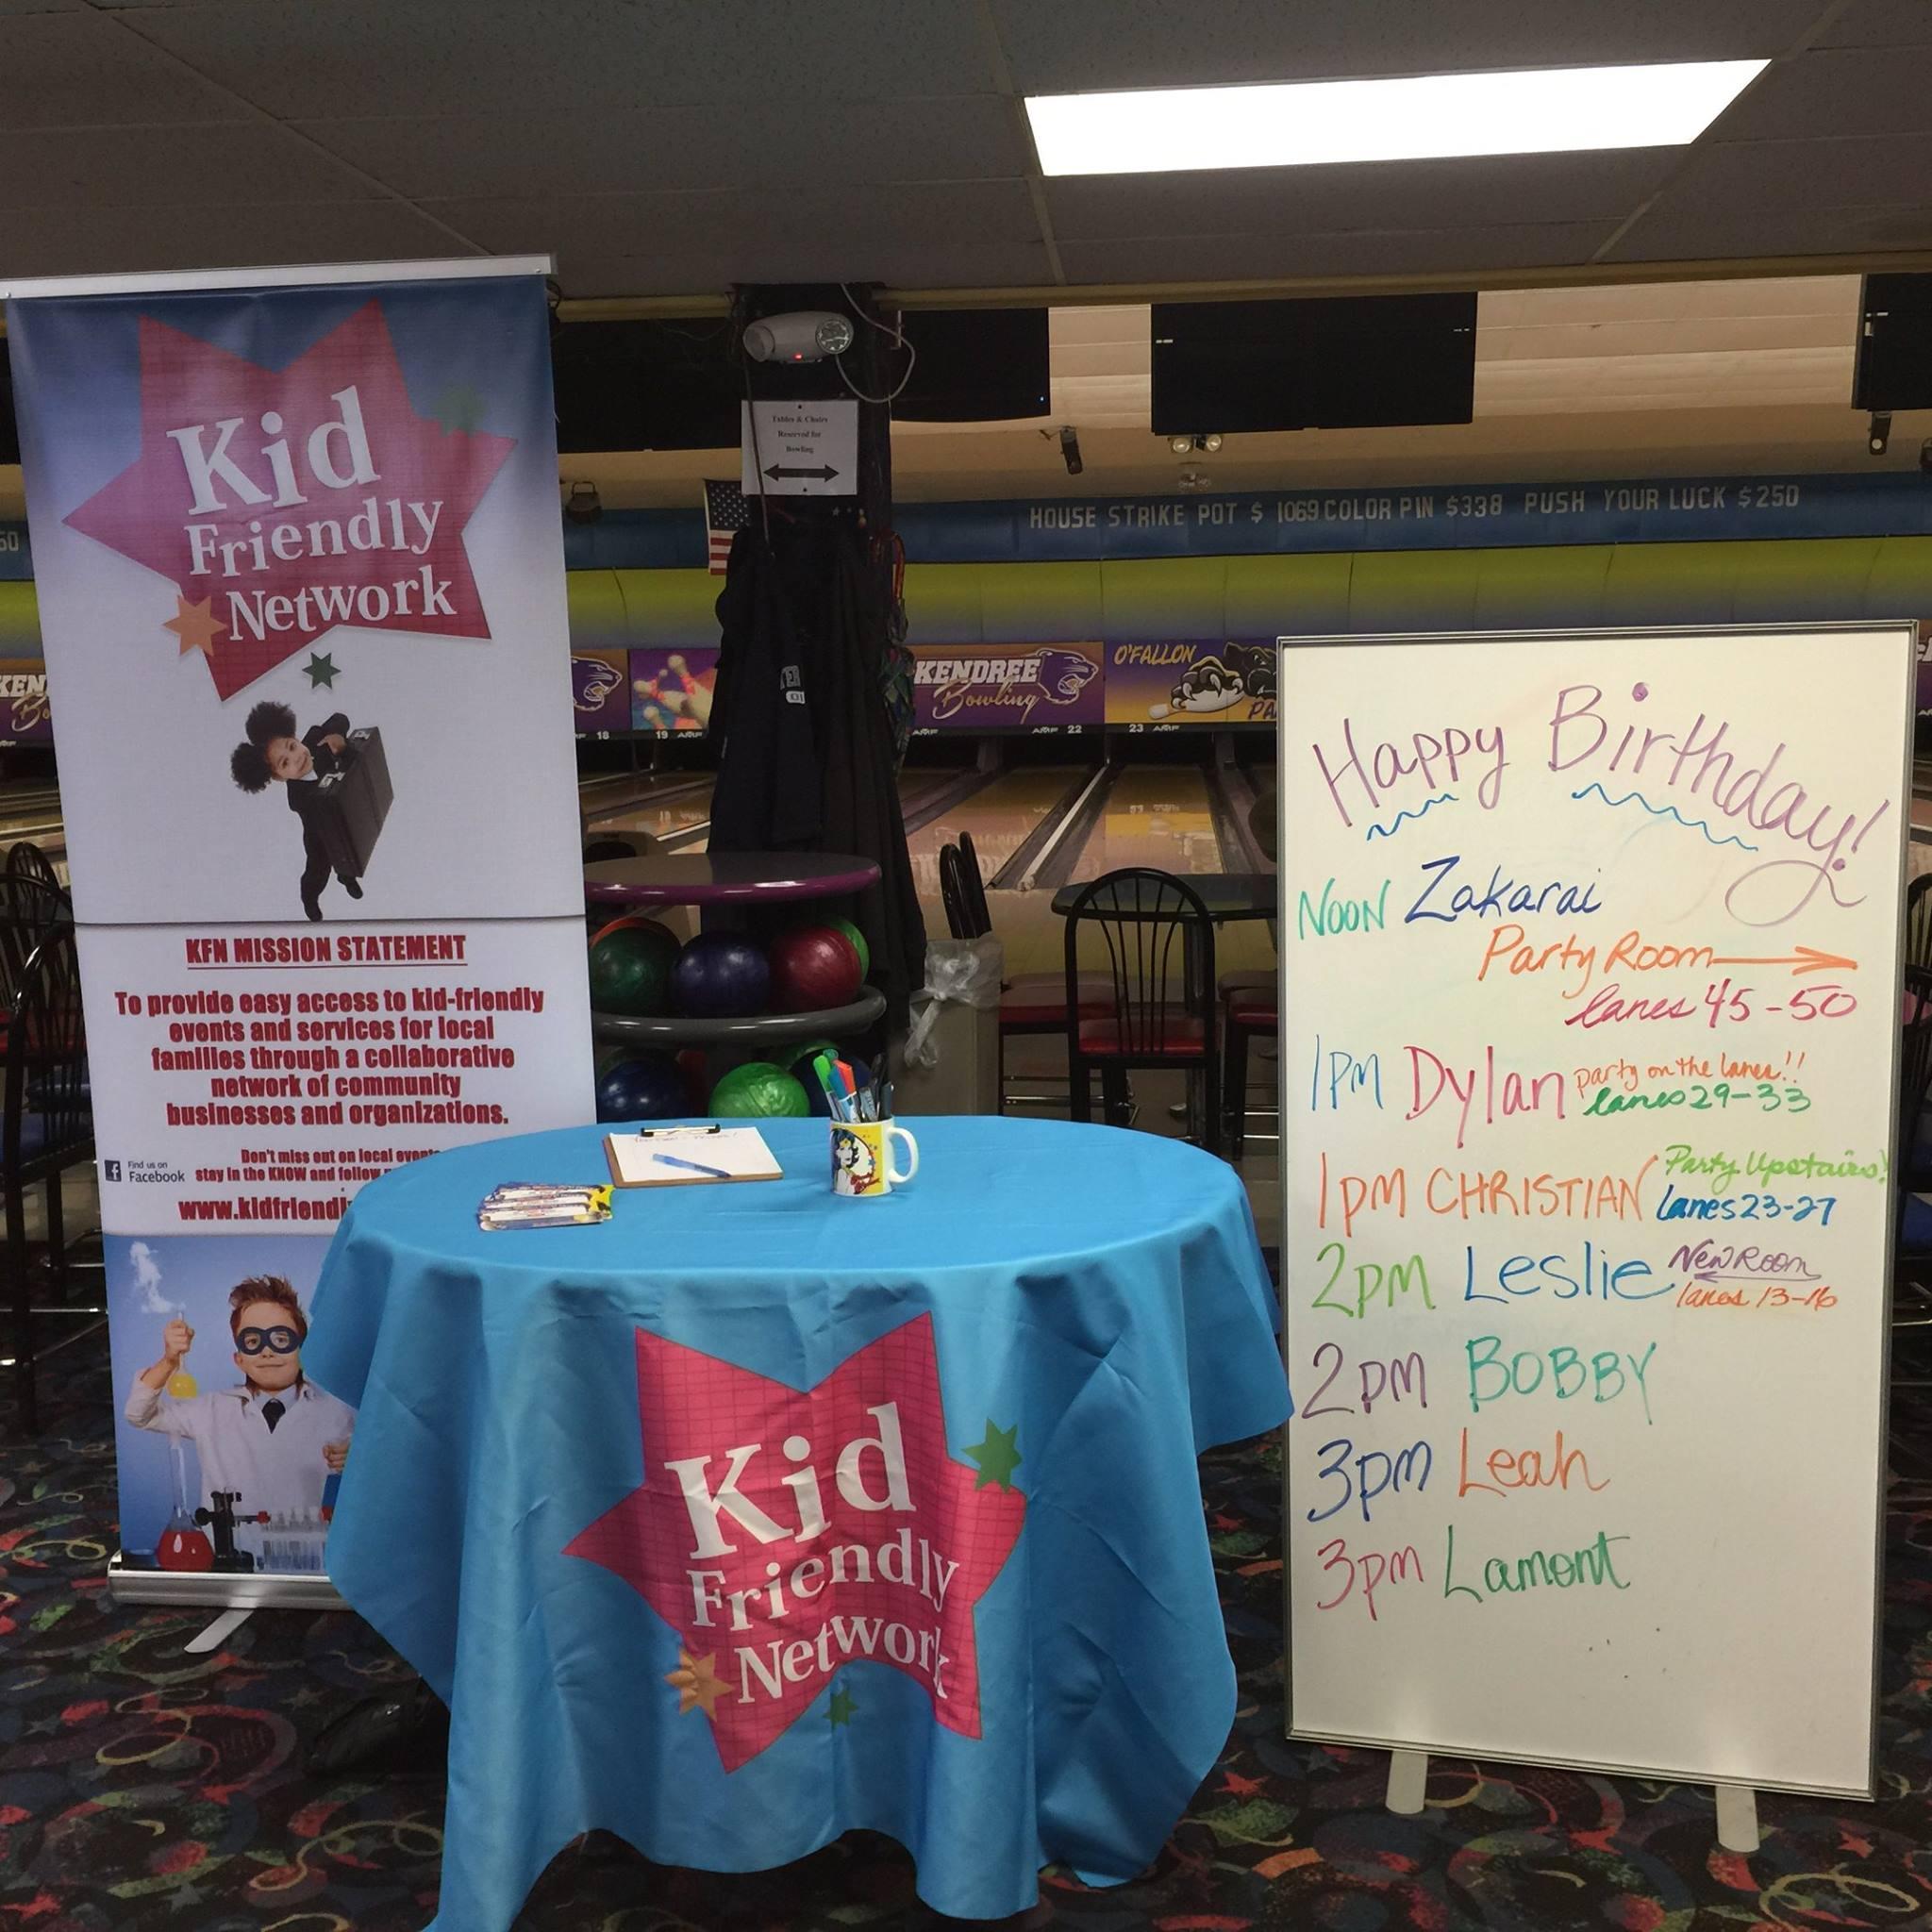 KFN at St. Clair Bowling